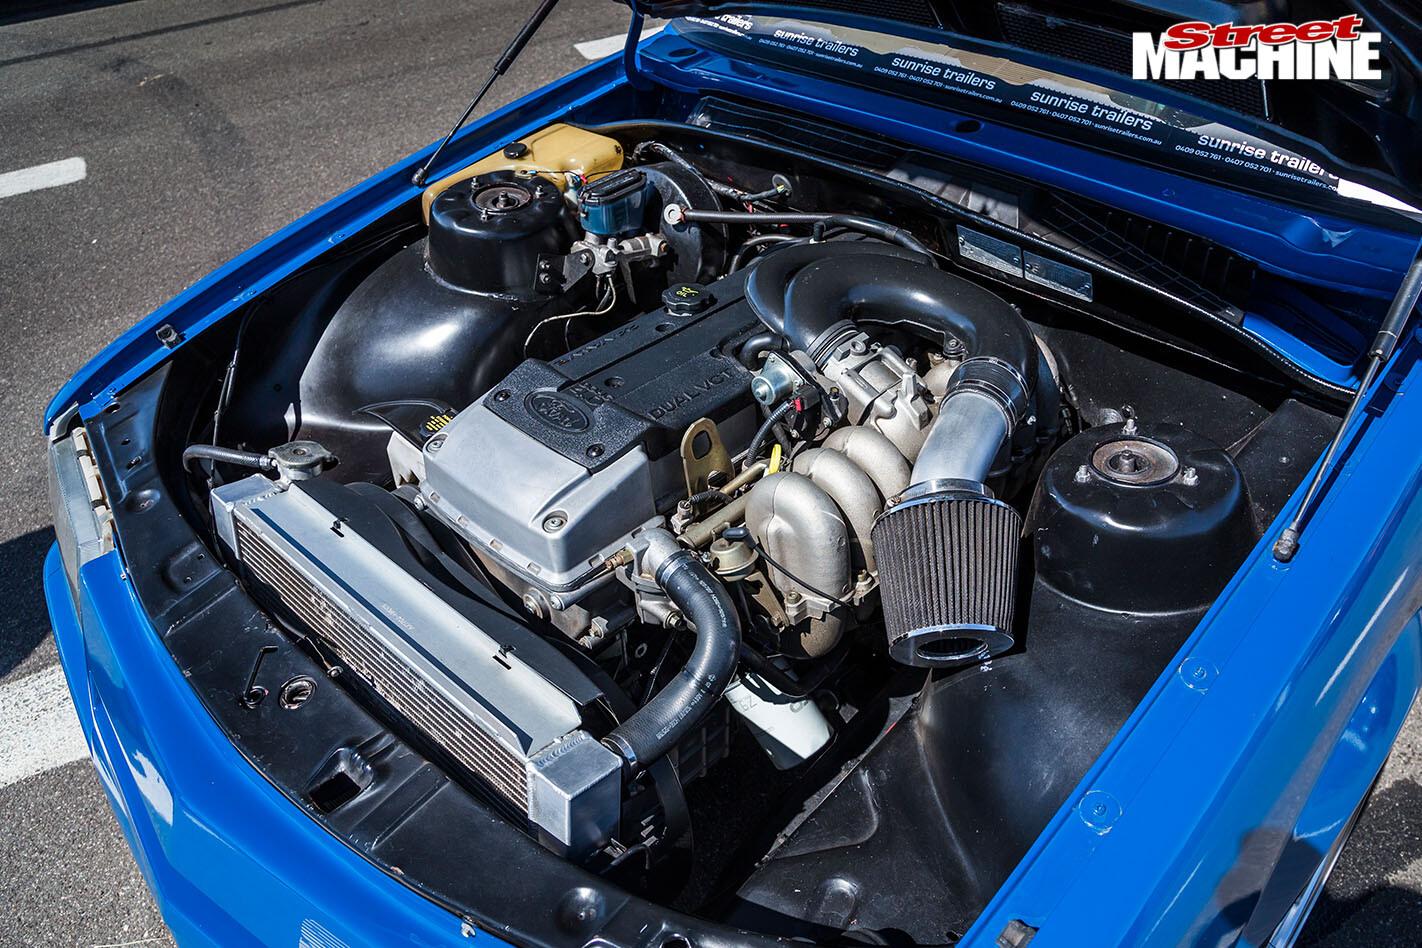 VK Commodore Blue Meanie 284 29 Jpg